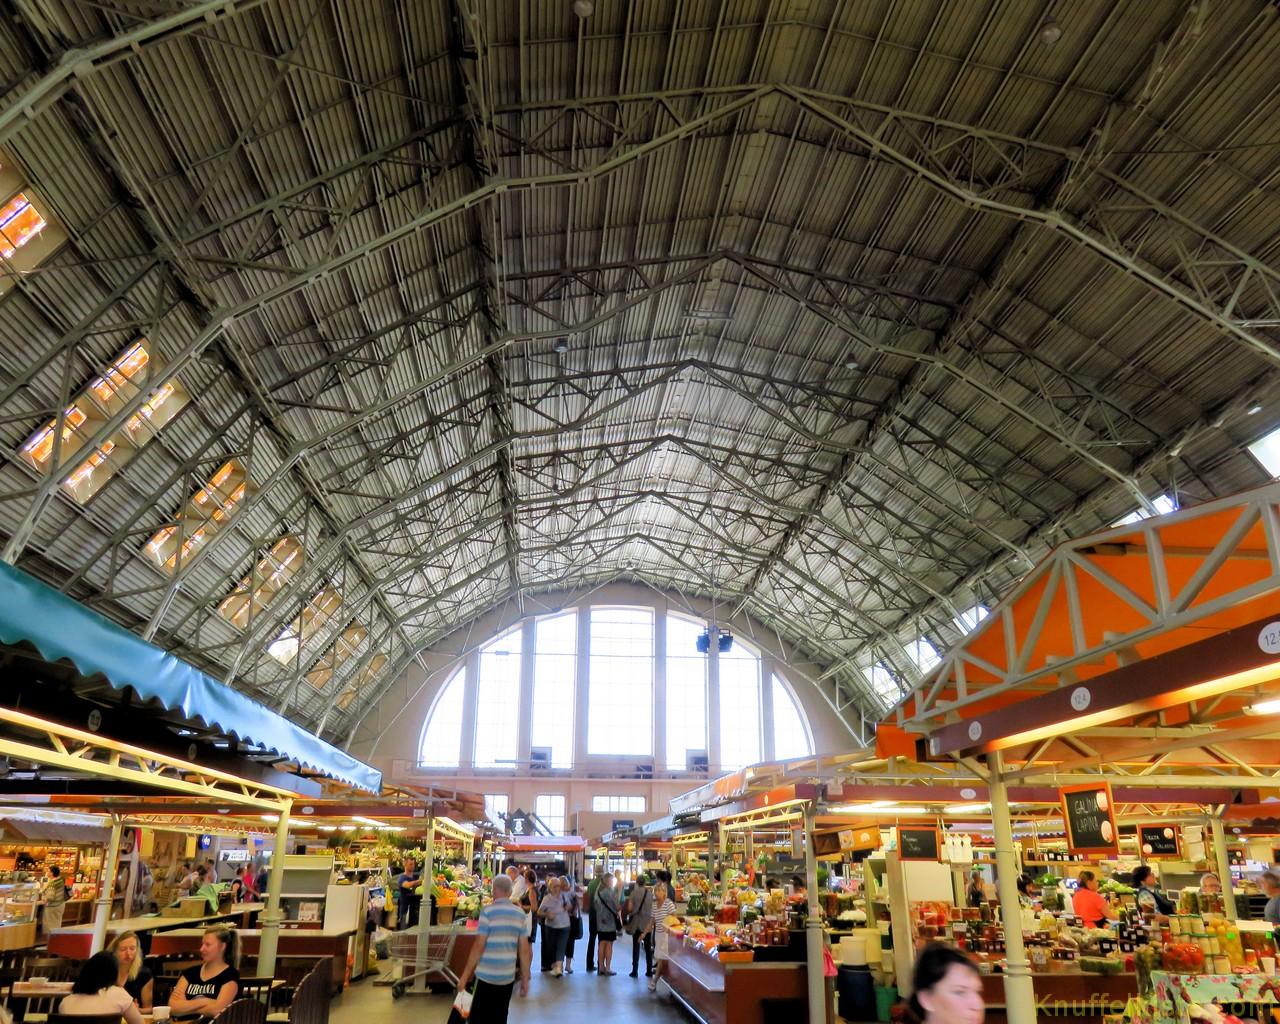 Innenansicht einer Markthalle